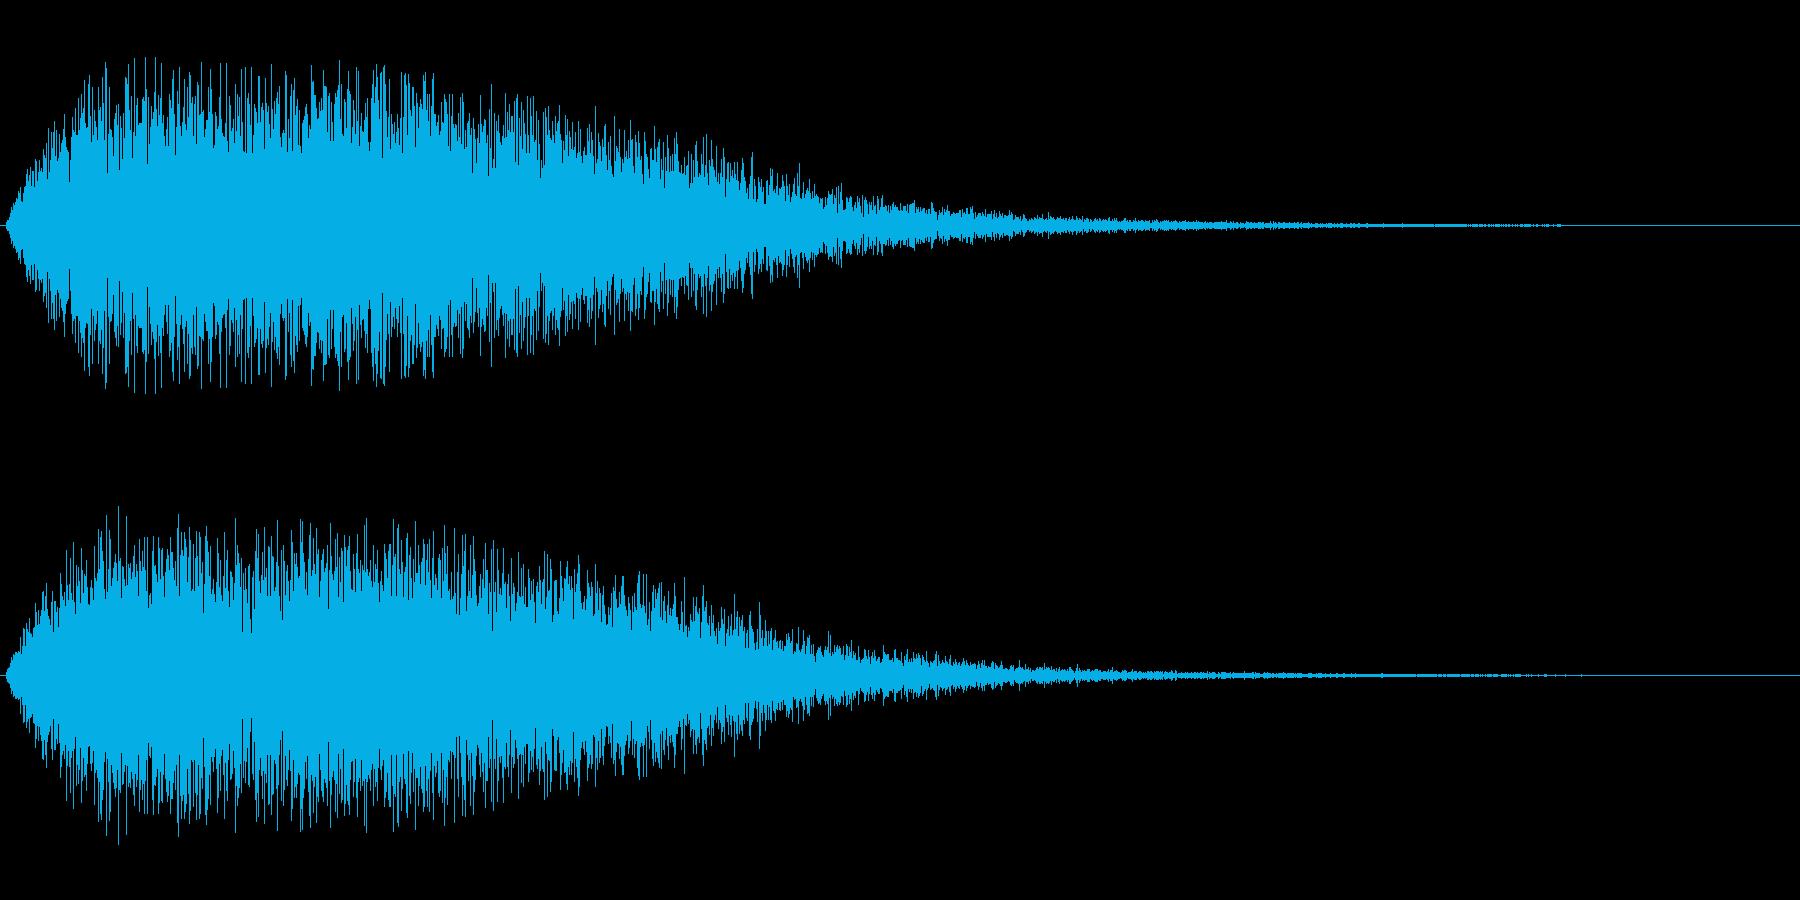 劇的な変化を彩る、魔法系サウンドの再生済みの波形